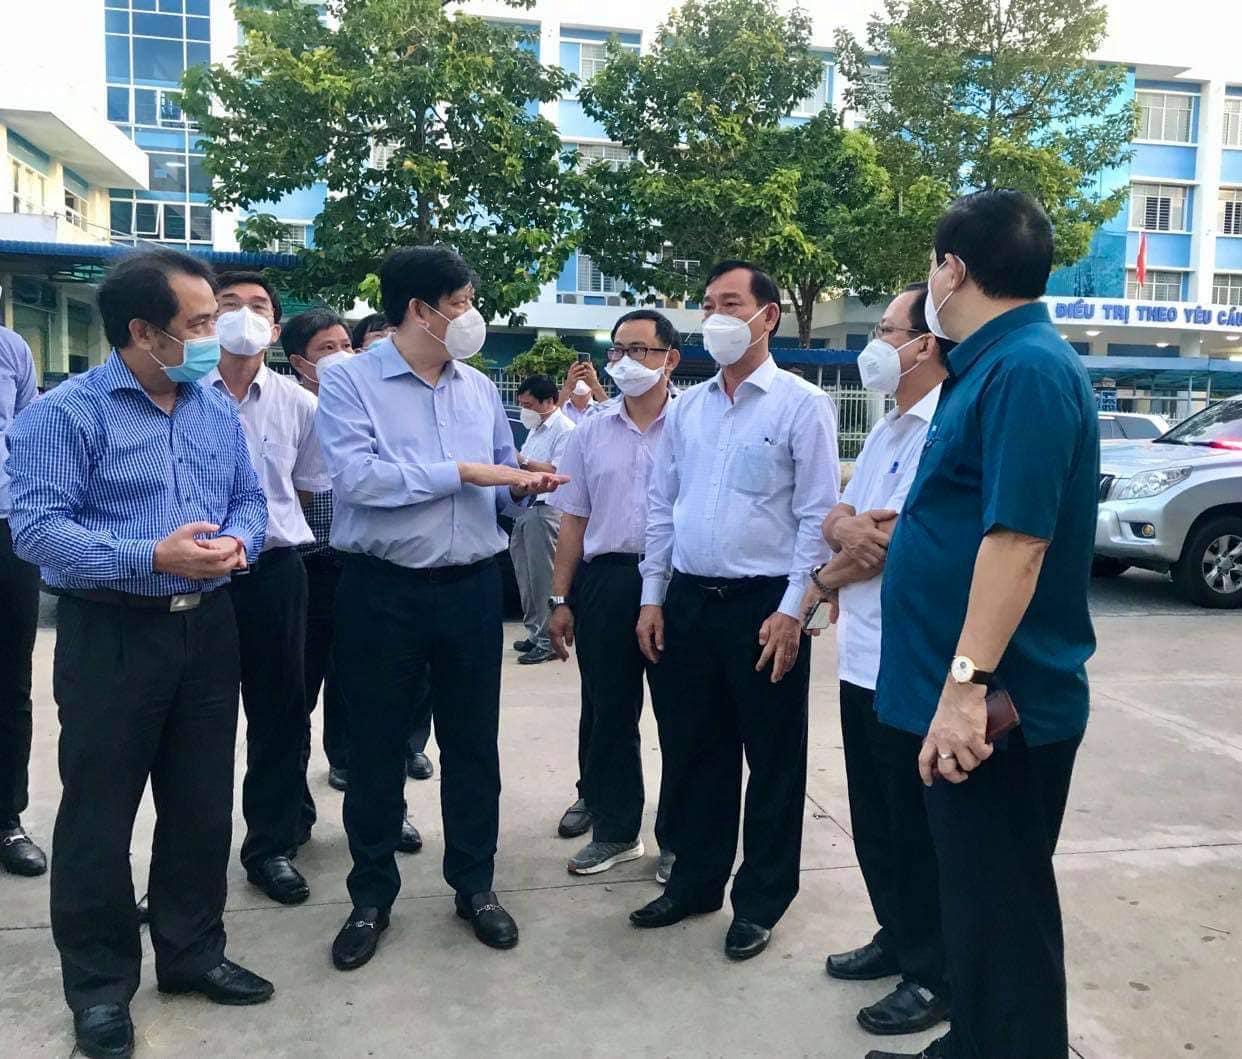 Bộ Y tế cử chuyên gia đầu ngành tới Tiền Giang hỗ trợ chống dịch - 1